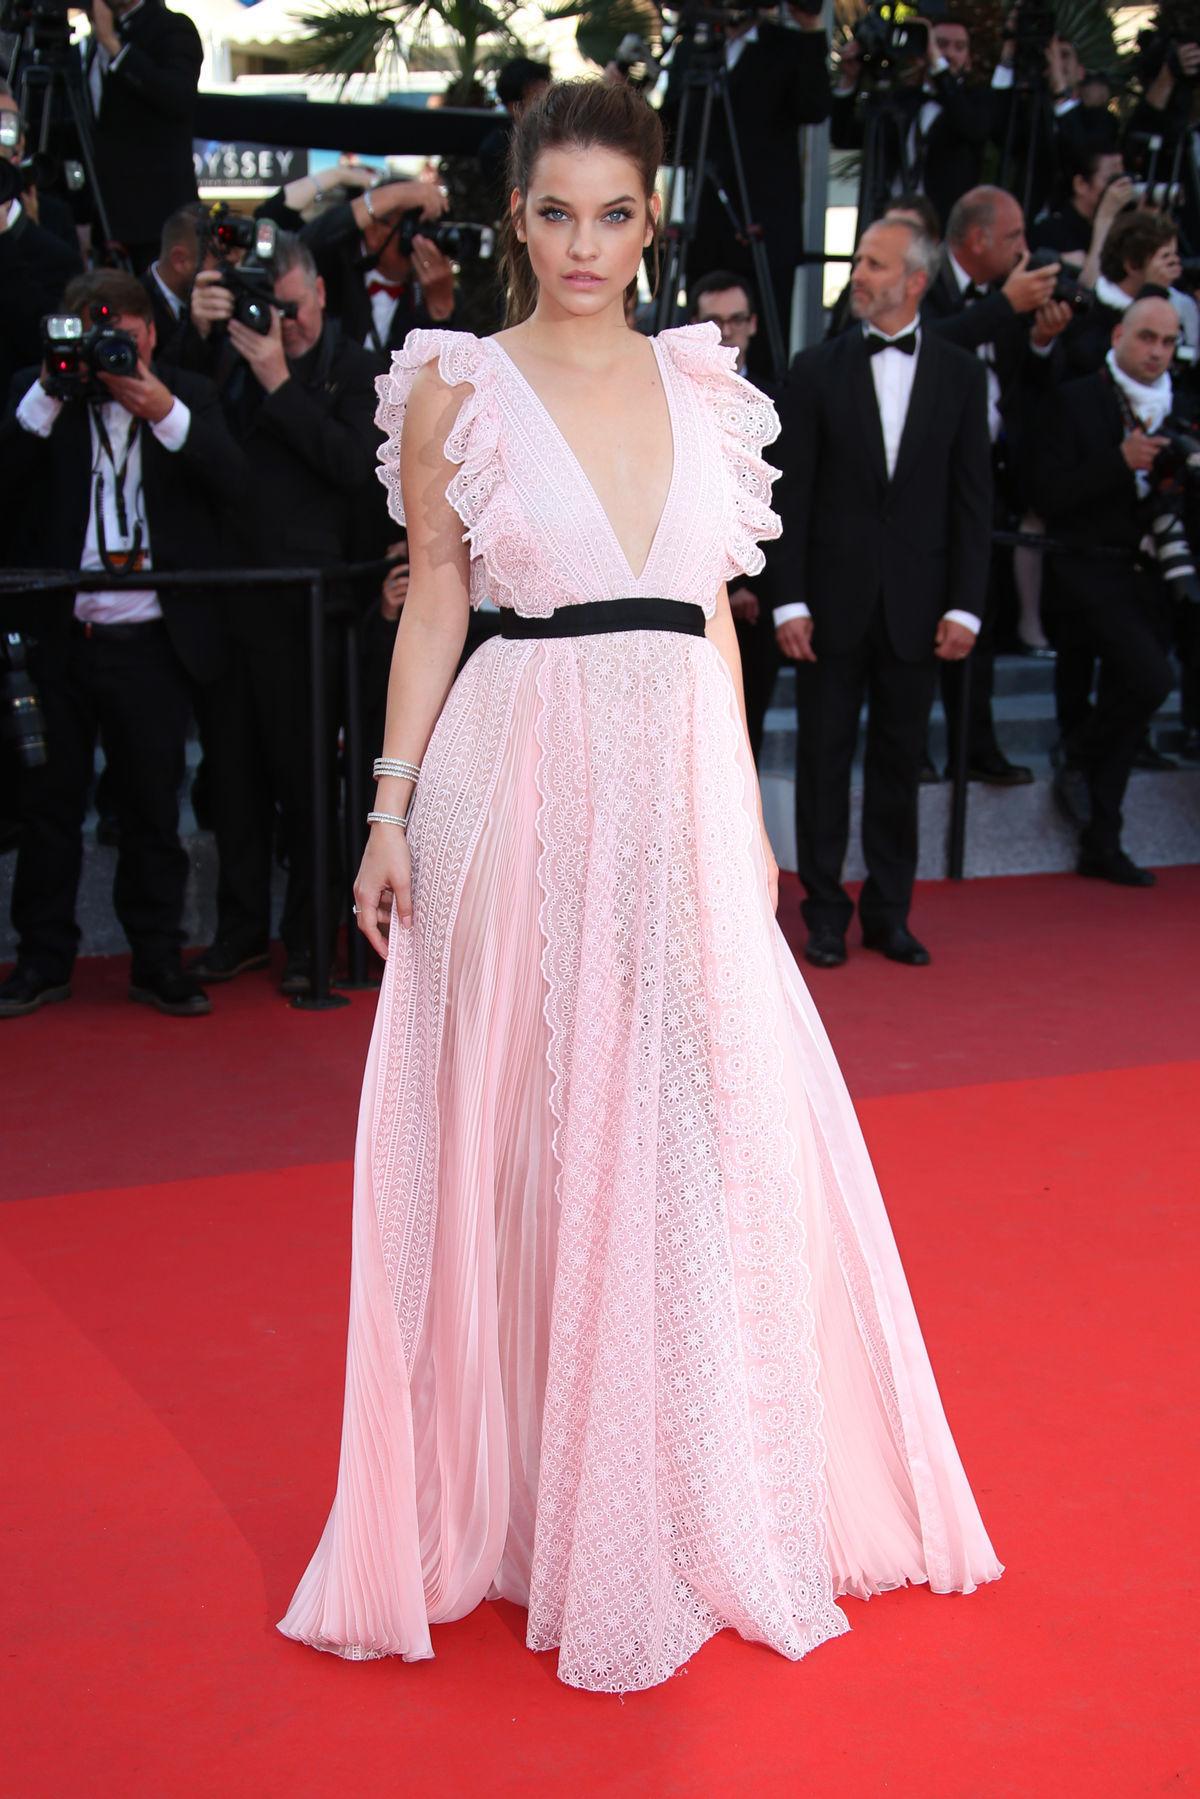 Modelka Barbara Palvin pózuje fotografom na premietaní filmu Julieta v Cannes.